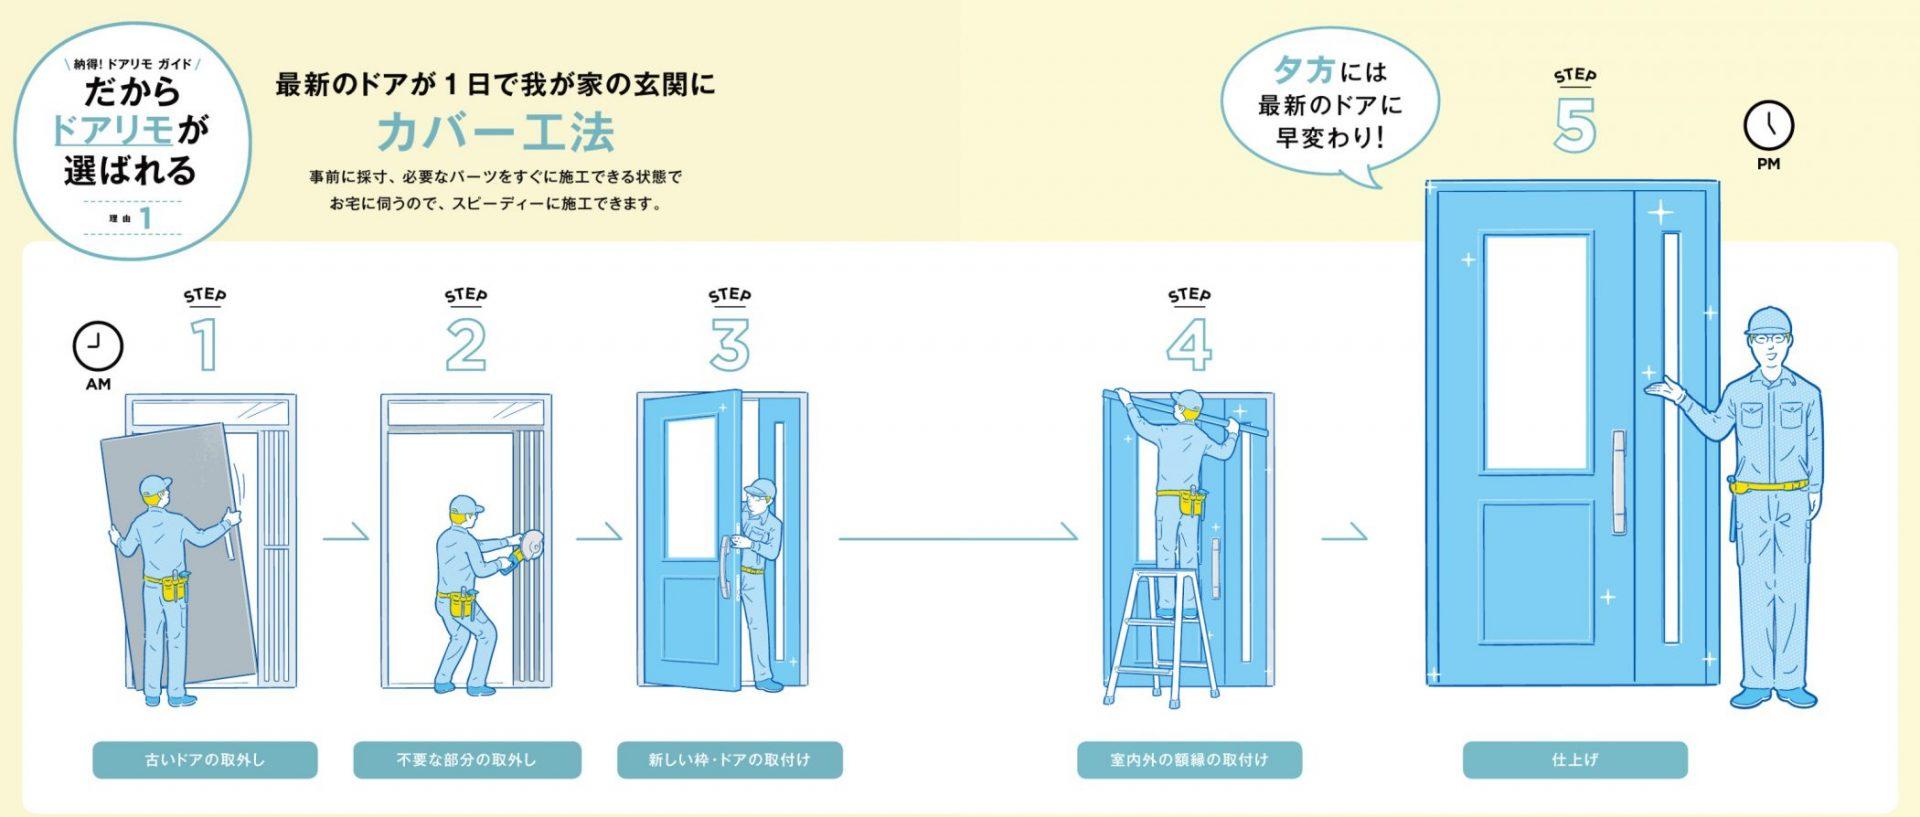 ドアリモ カバー工法